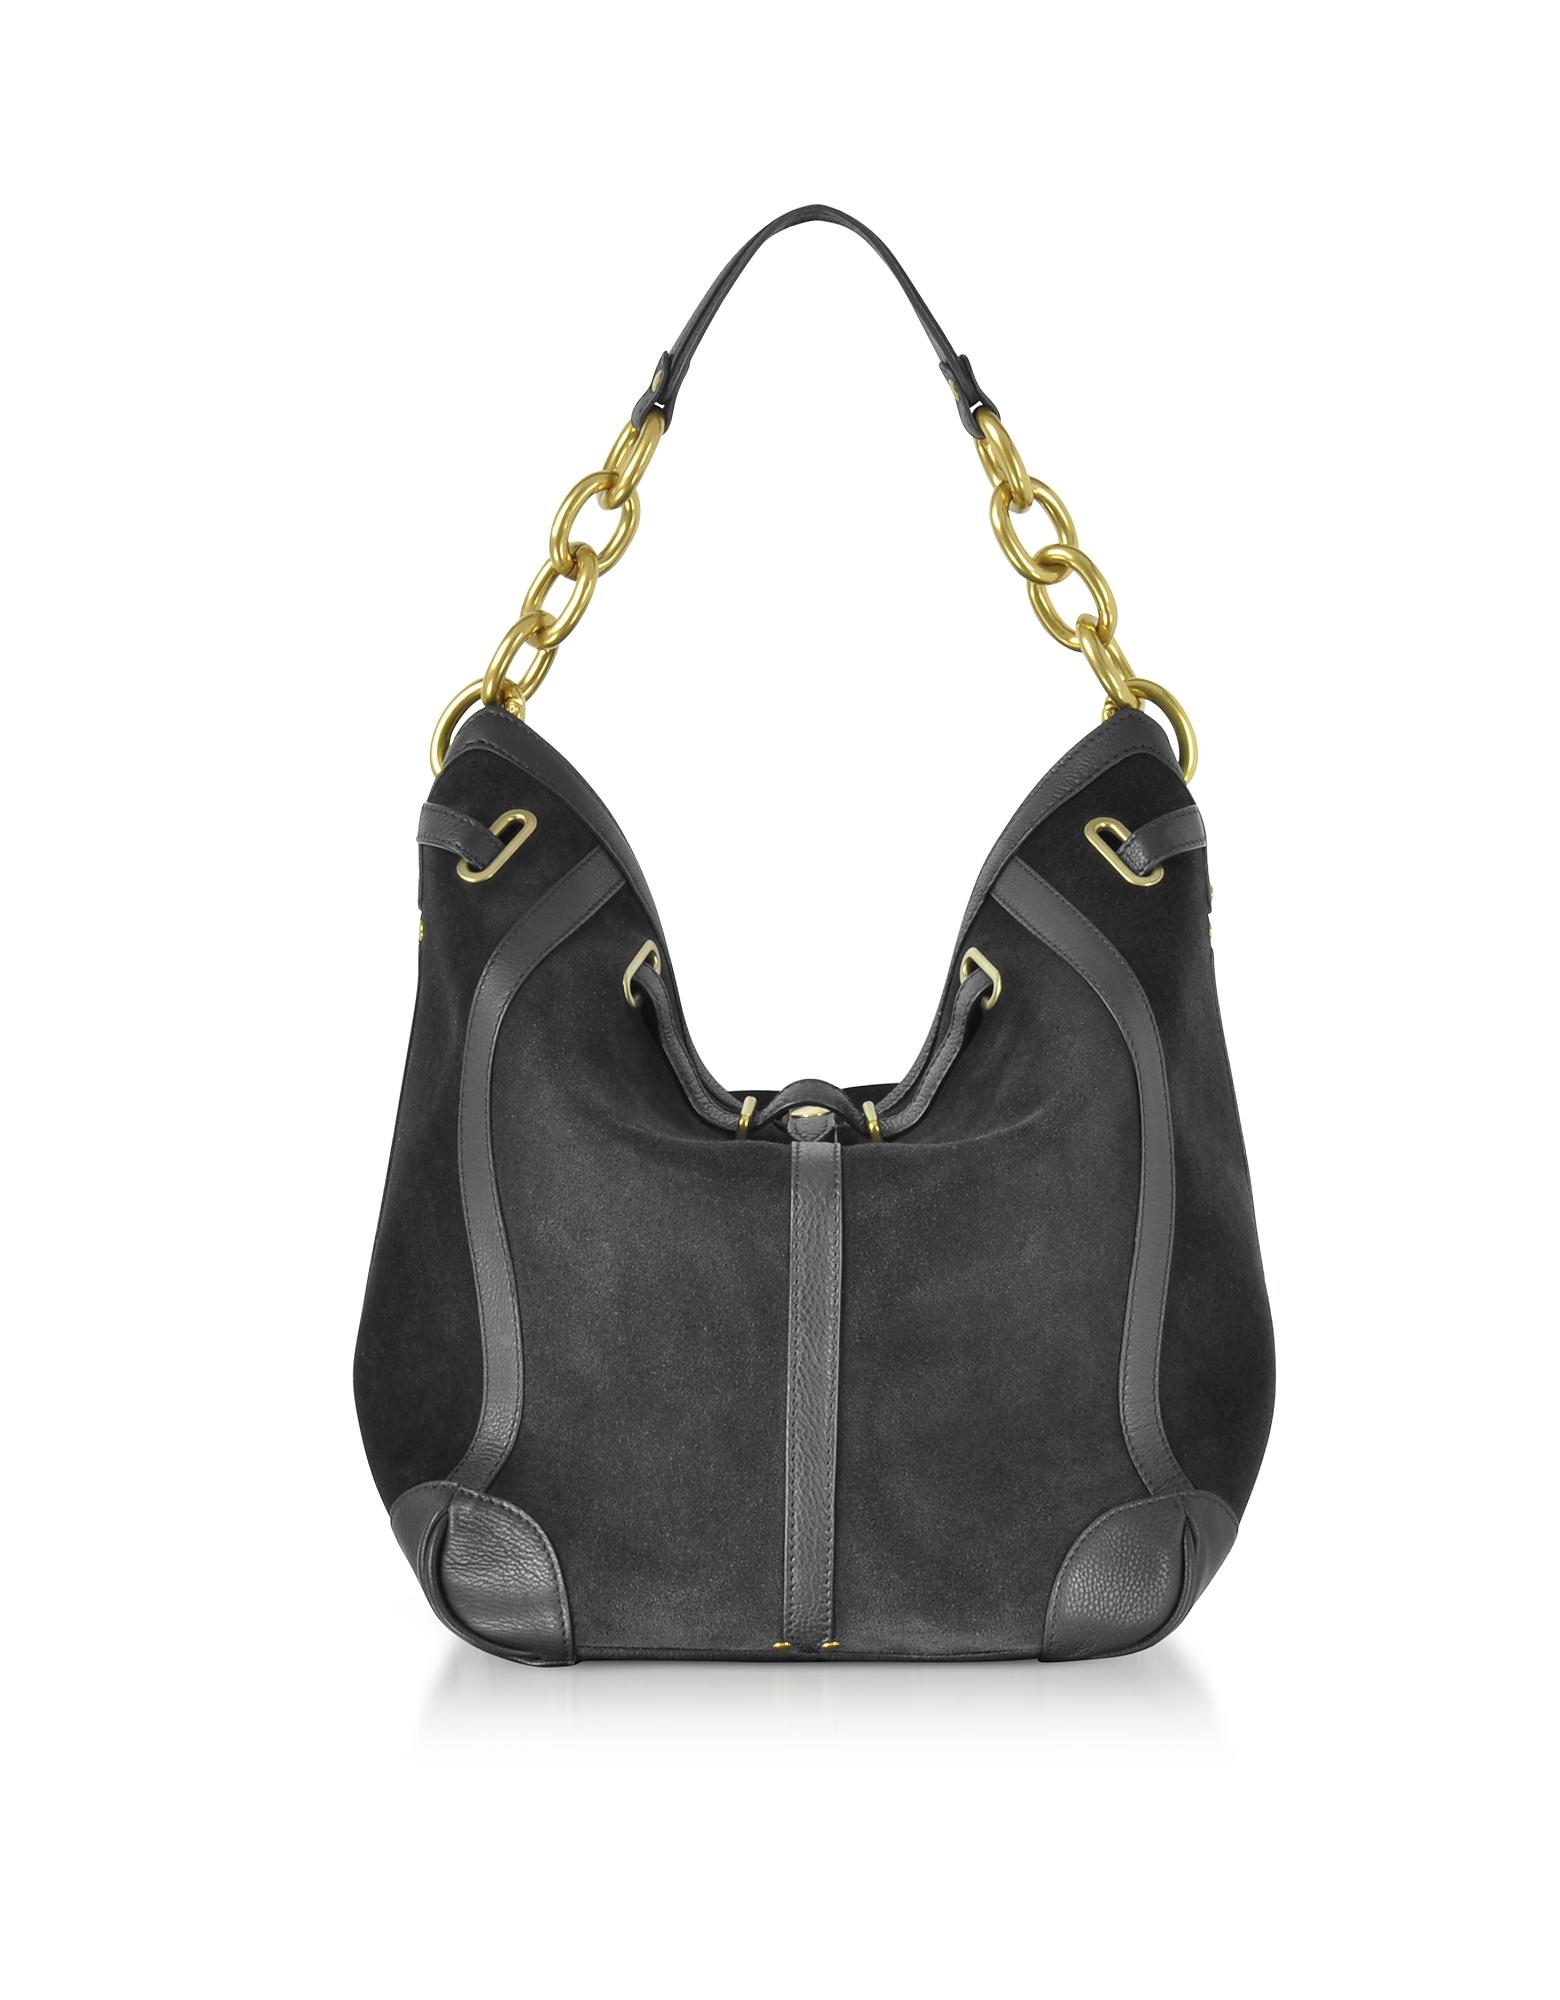 Jerome Dreyfuss Handbags, Tanguy Black Split Leather Shoulder Bag